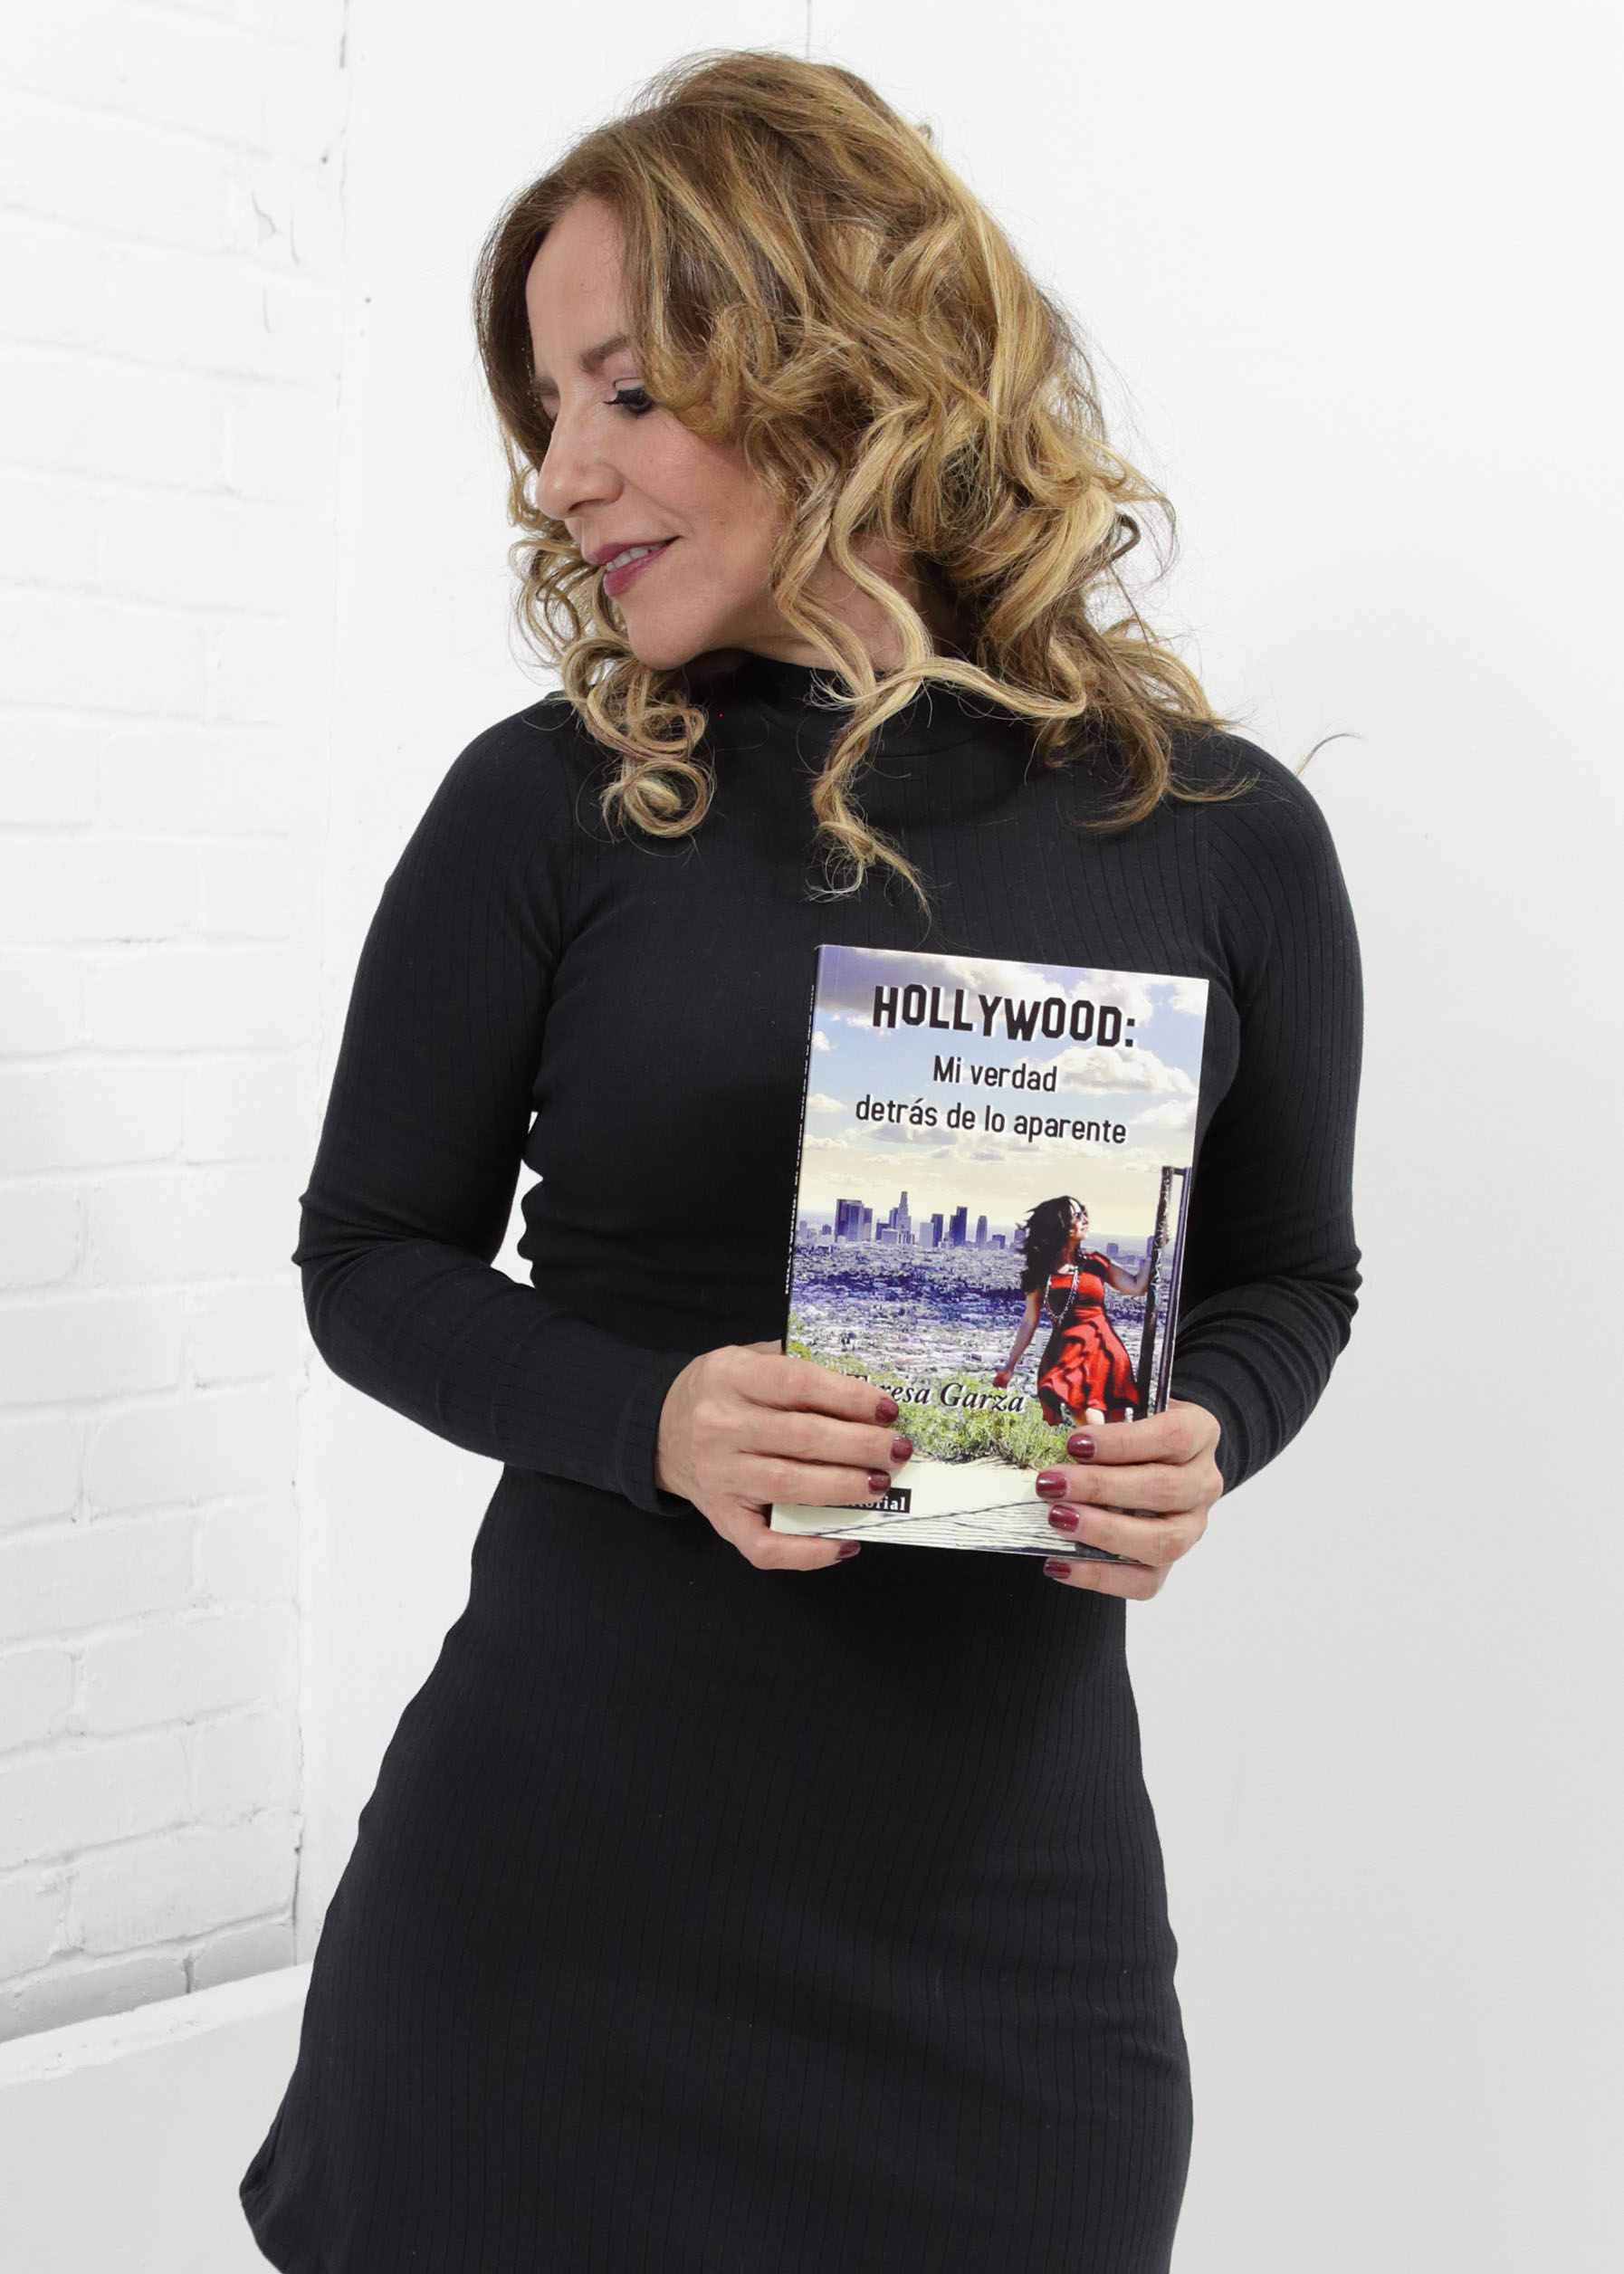 Teresa Garza - Hollywood: Mi verdad detrás de lo aparente